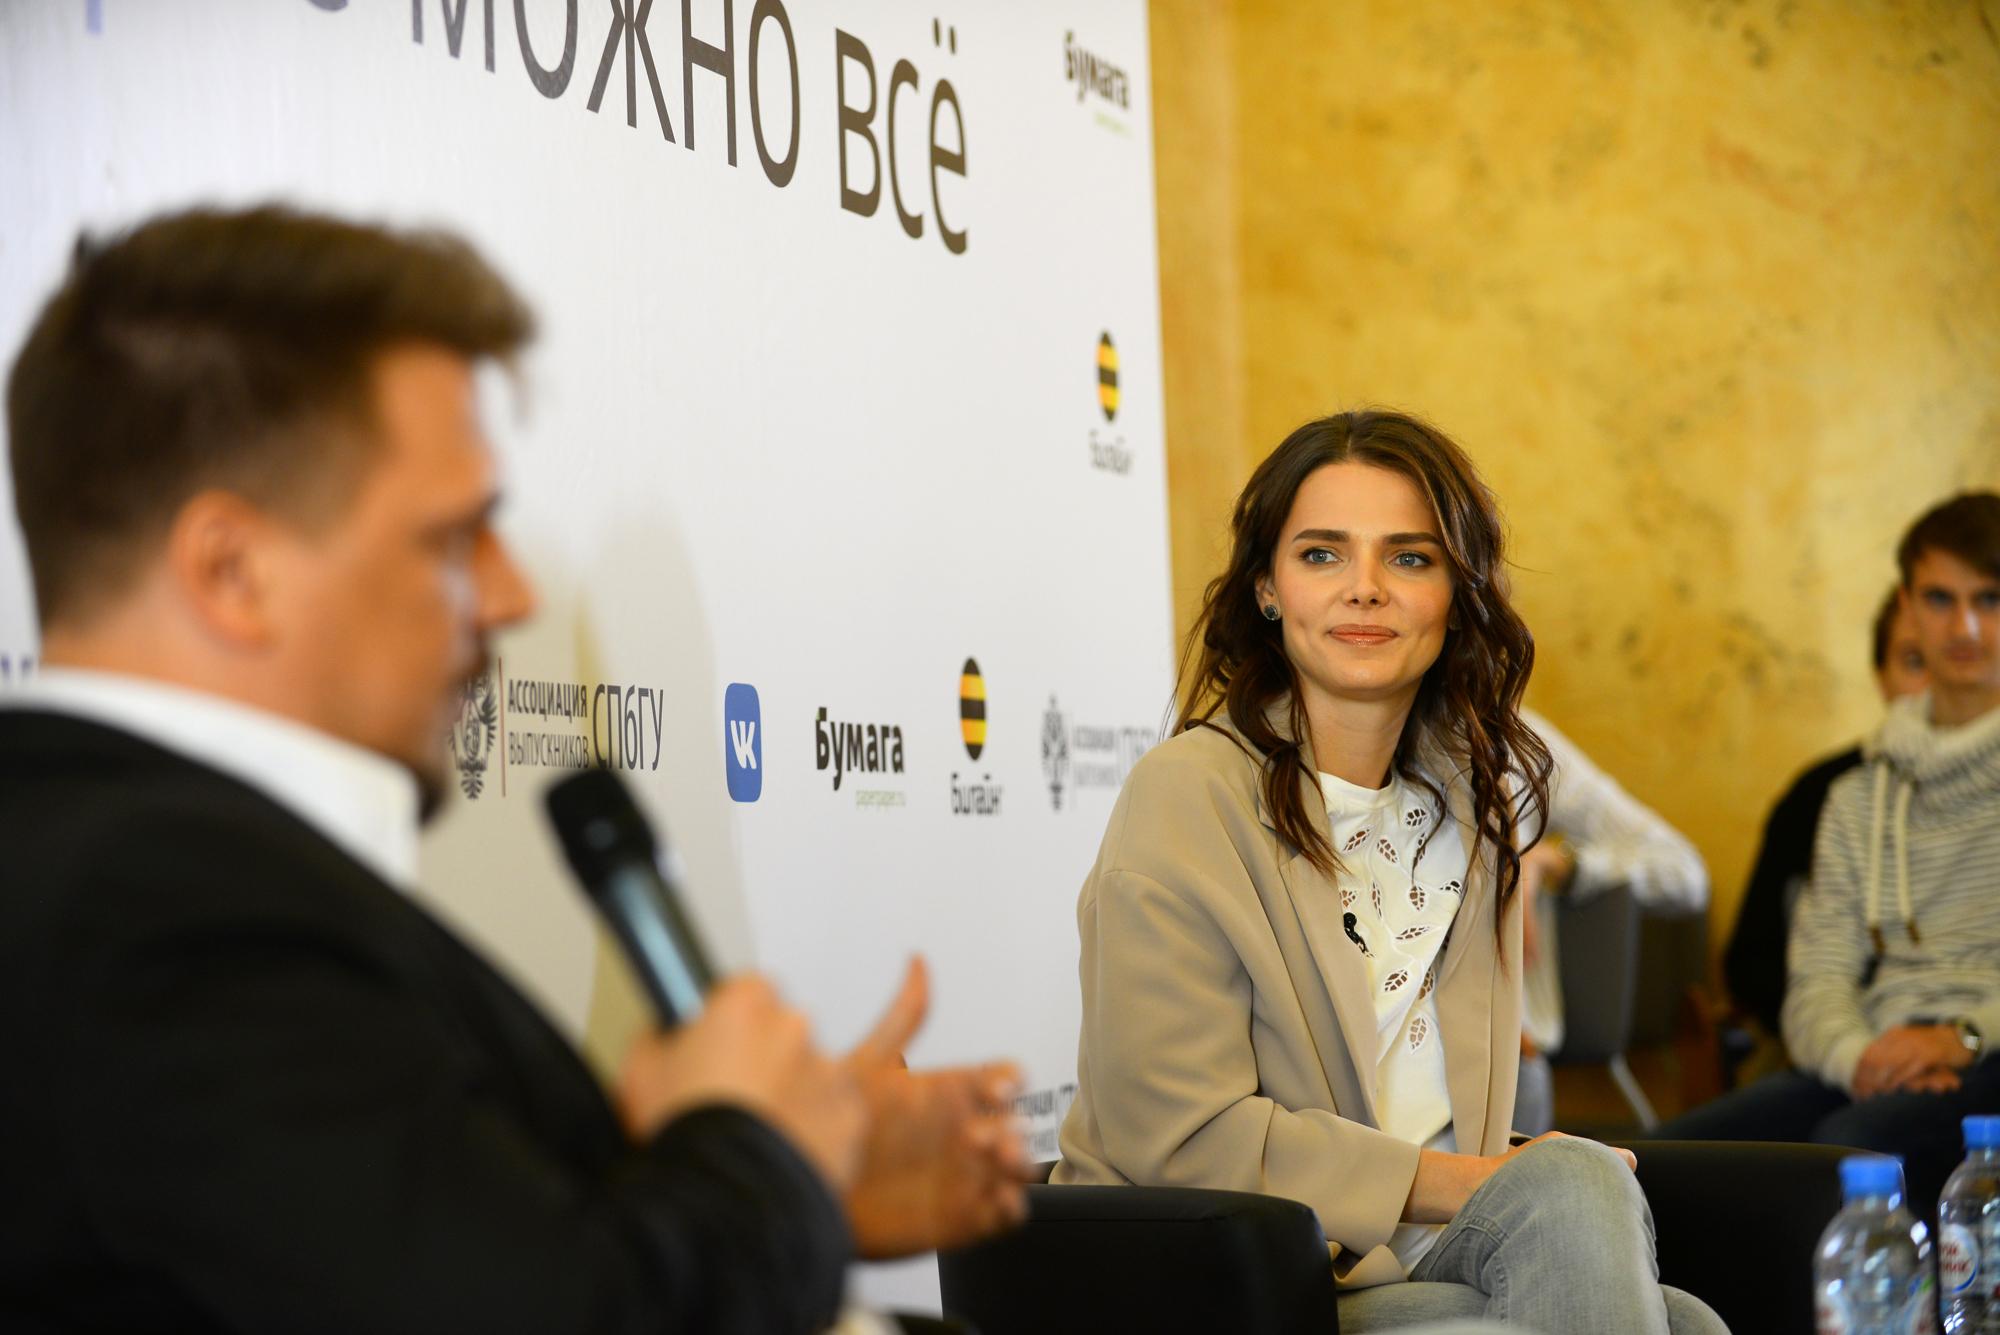 Елизавета Боярская — о том, каково быть двенадцатой актрисой в семье, почему она считает инстаграм злом и как снималась в кино сутки без перерыва